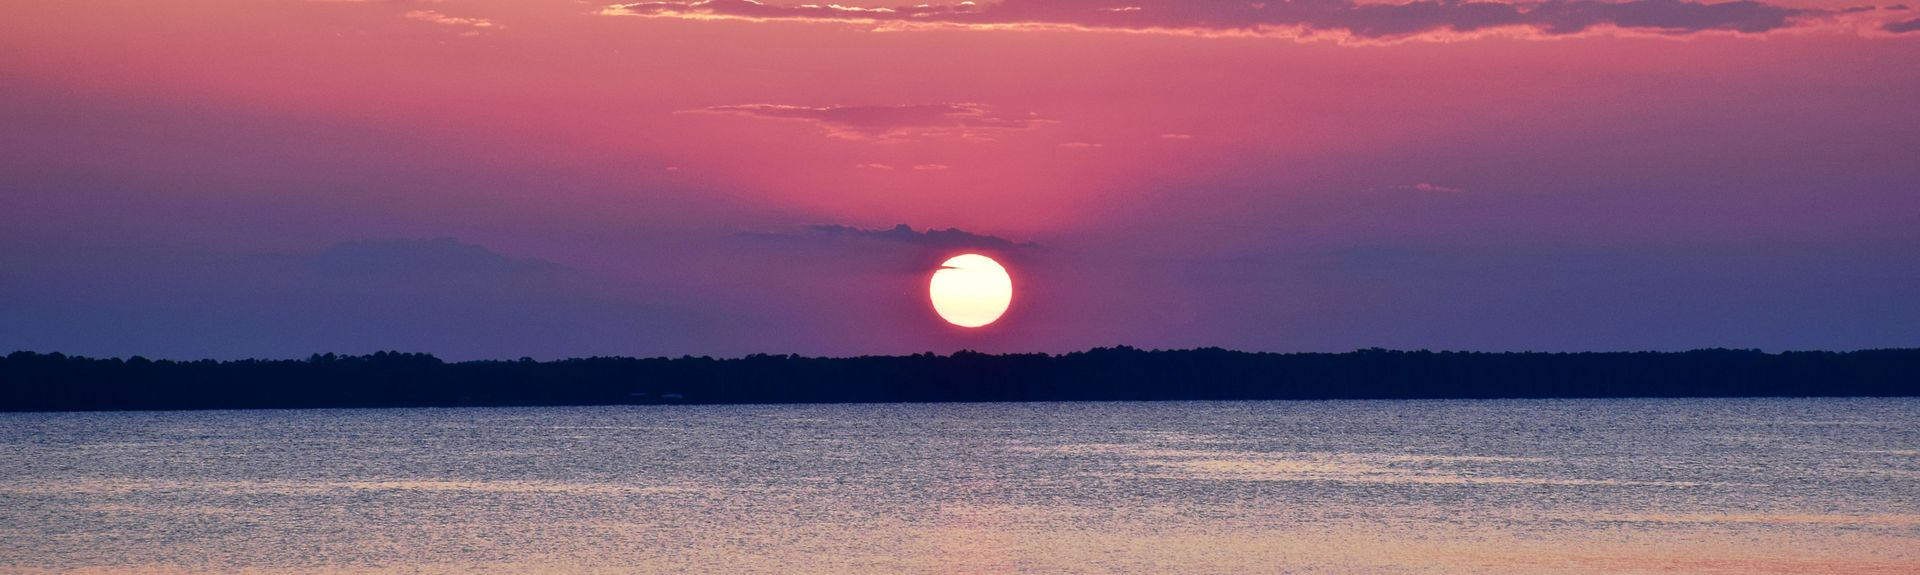 Lincolnville, Saint Augustine, Floride, États-Unis d'Amérique